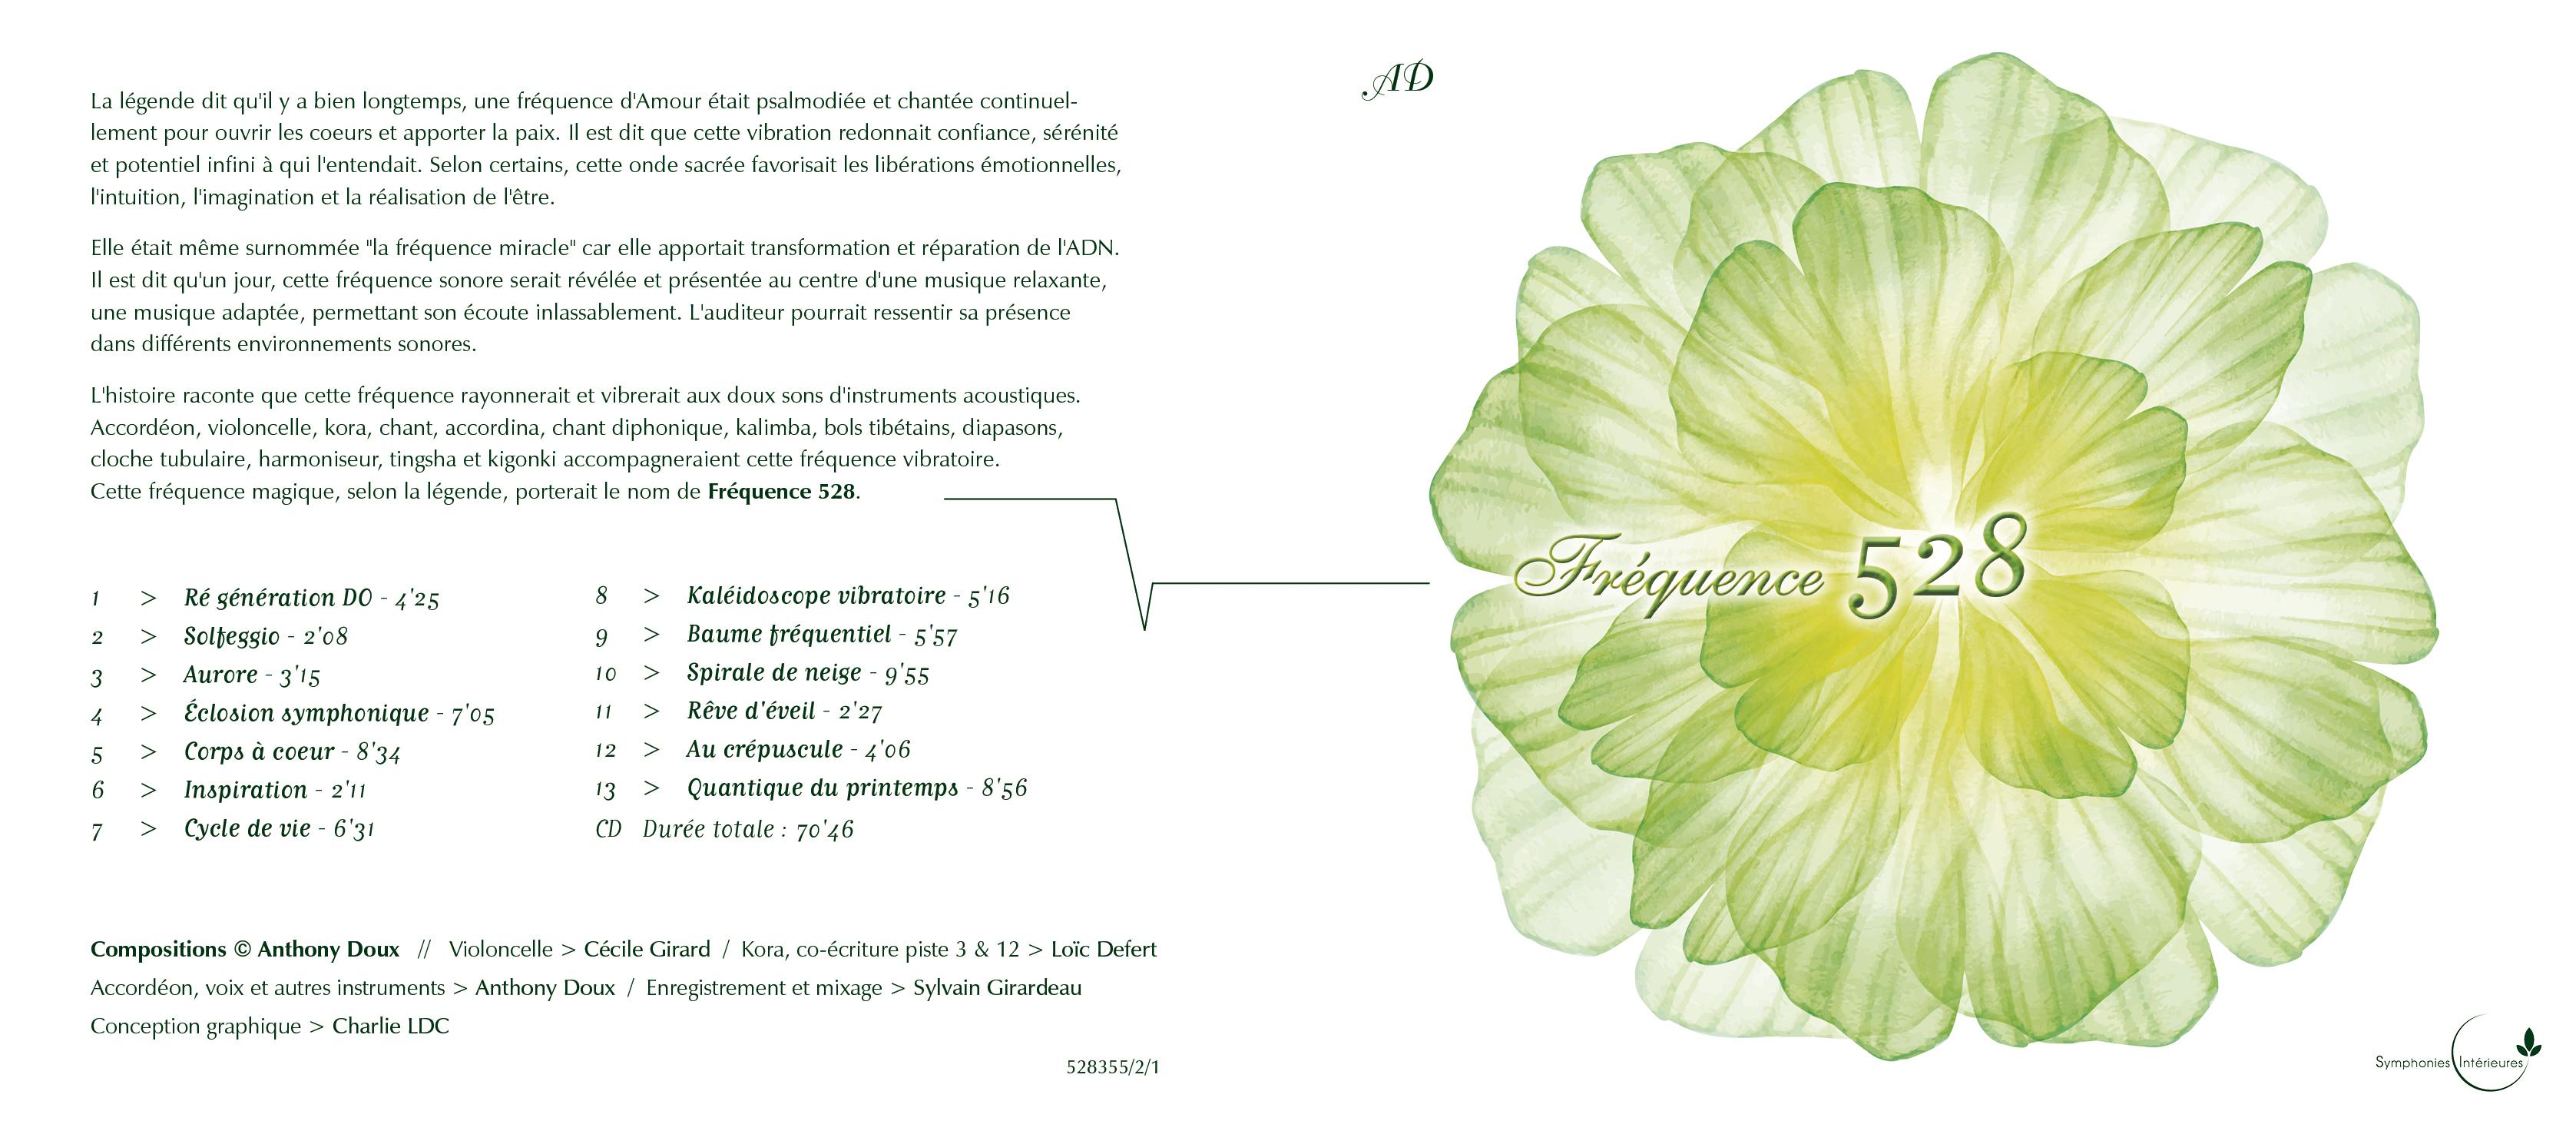 FrŽquence 528 - Anthony Doux en tant qu'objet dynamique - 1